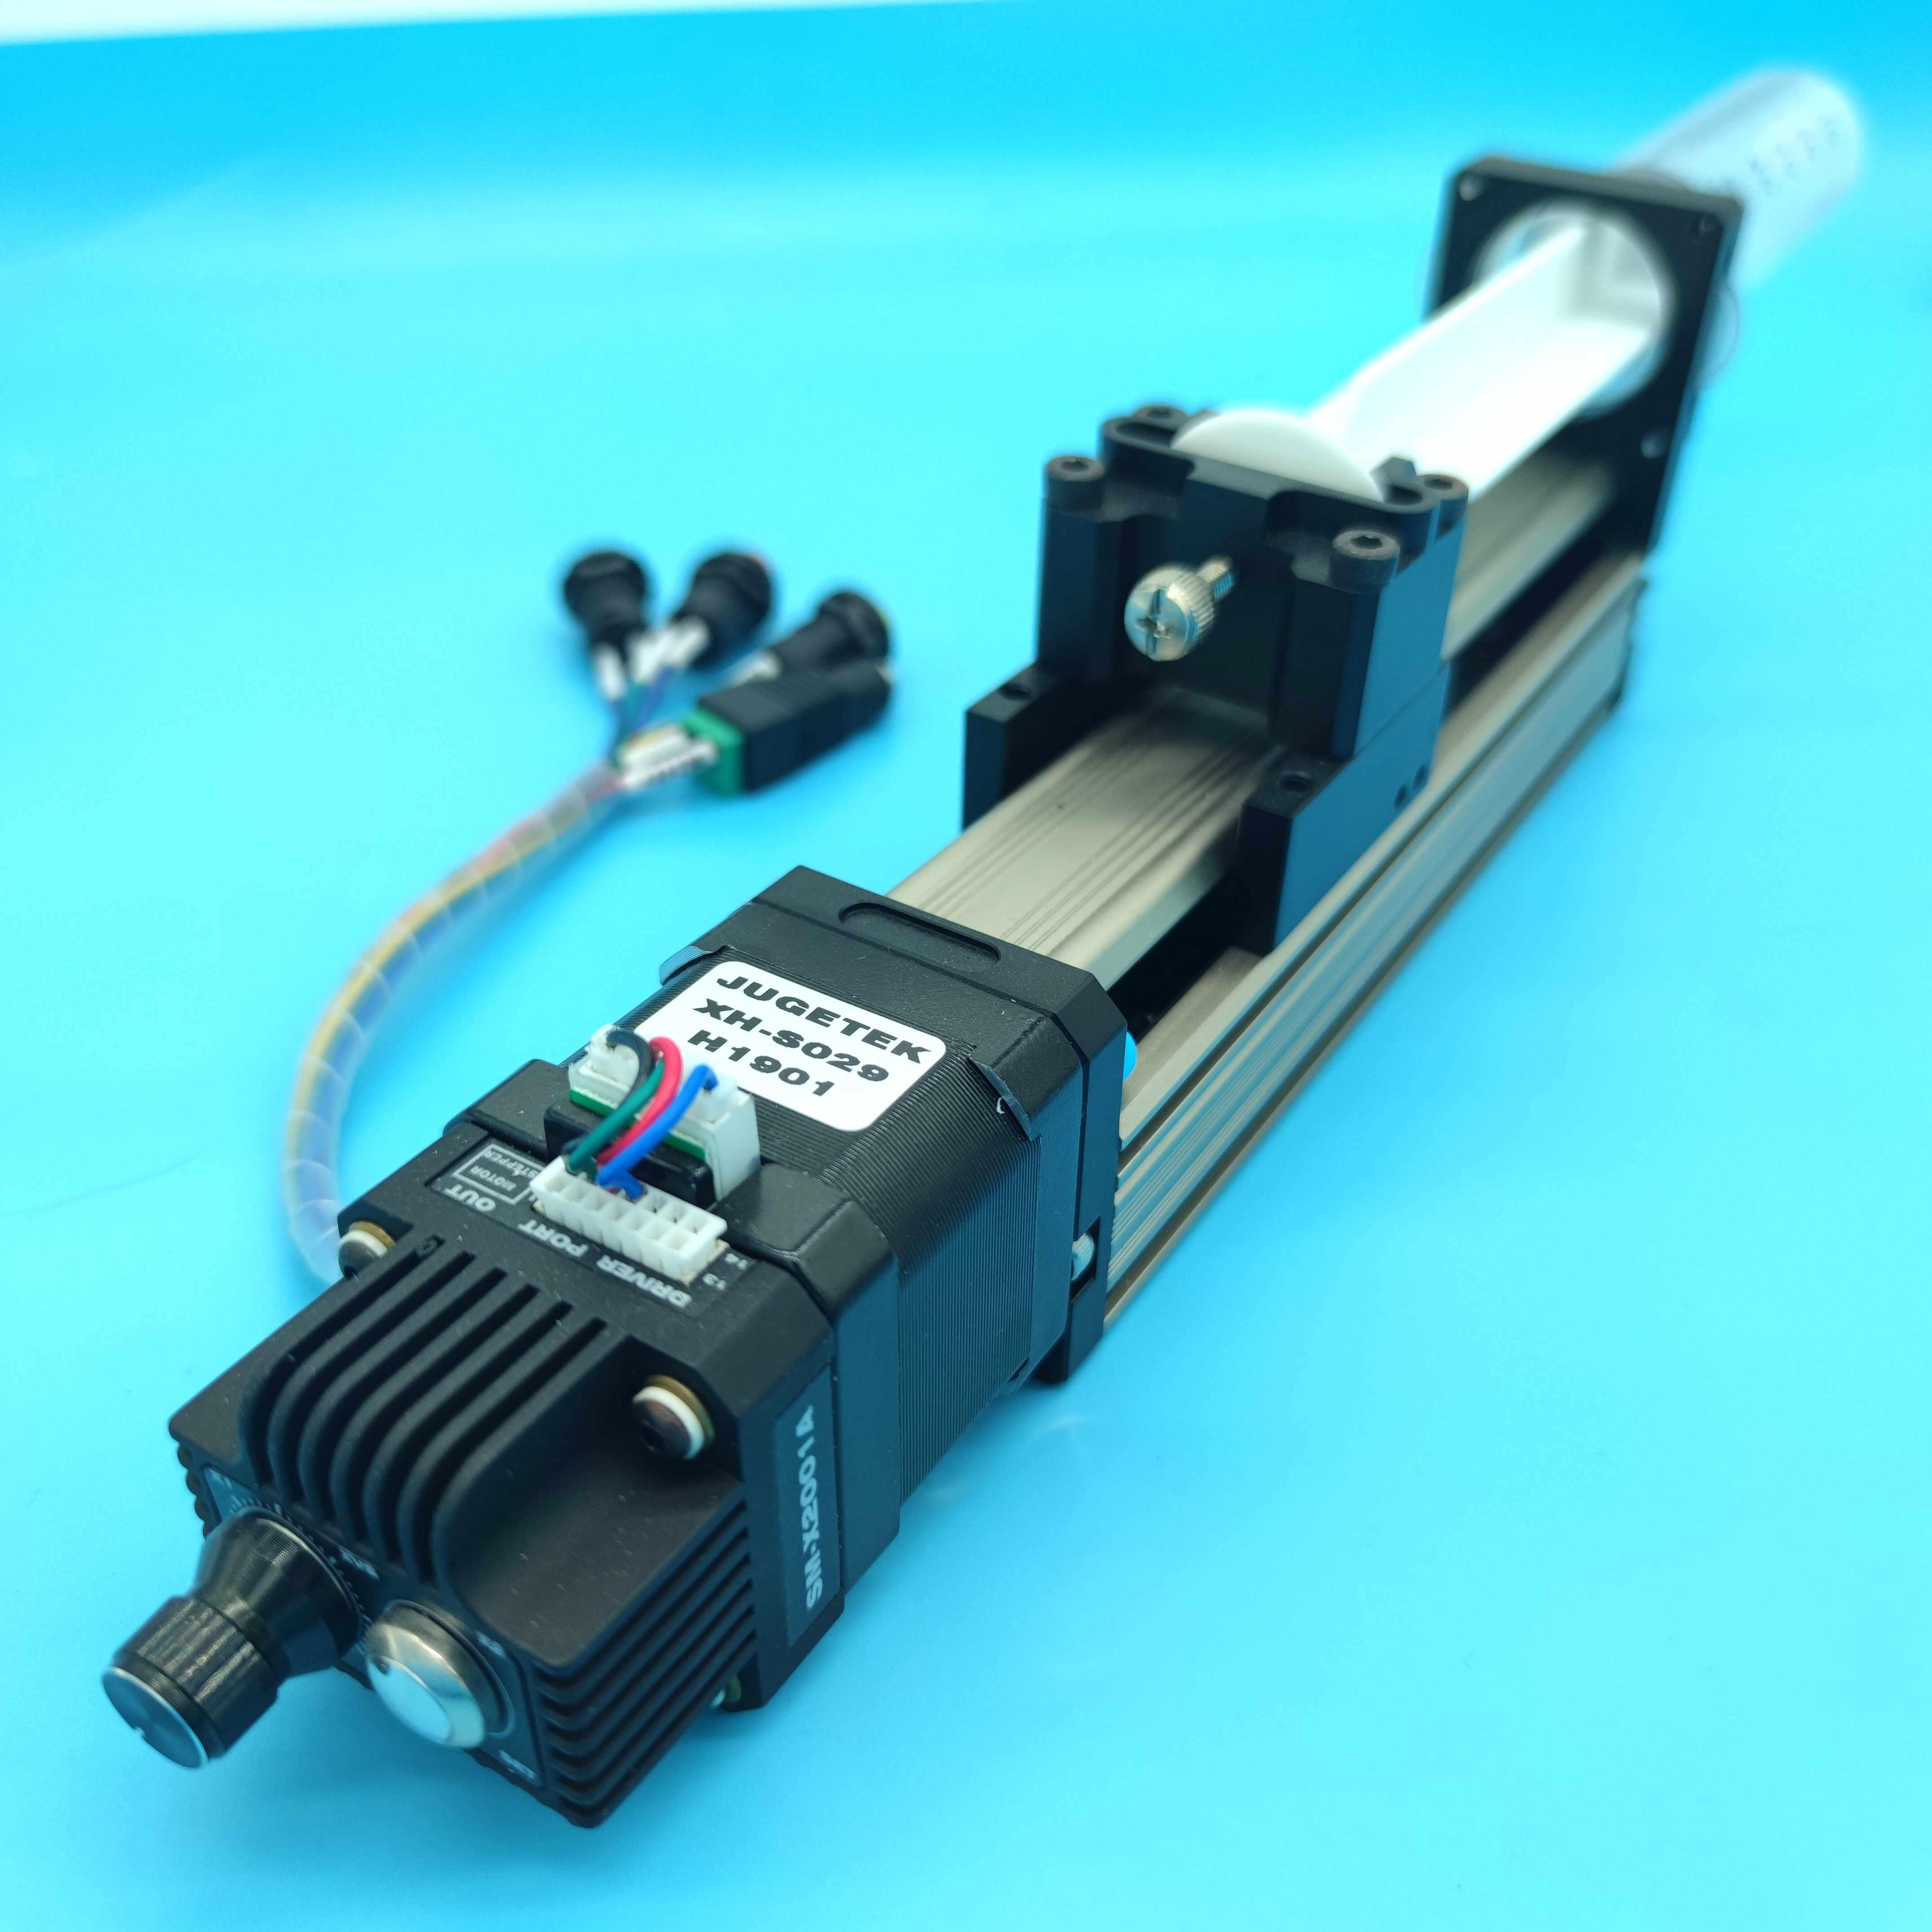 السائر الميكانيكيه الخطي وحدة 50 مللي حقنة مضخة مع Nema17 40 مللي متر السائر